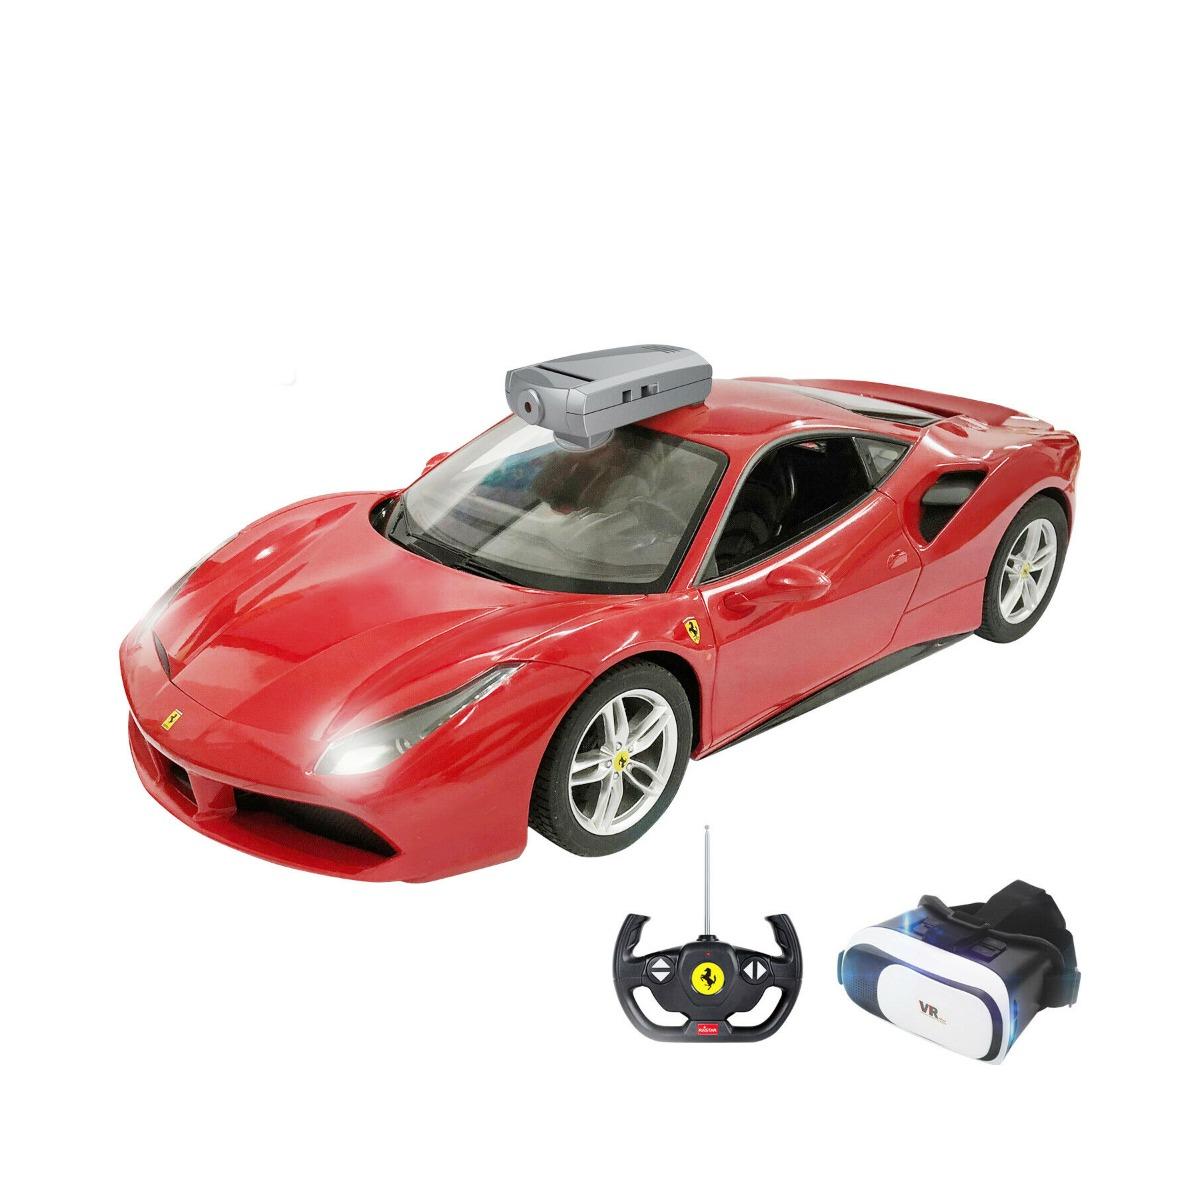 Masina cu telecomanda si ochelari VR Rastar Ferrari 488 GTV, RC, 1:14, Rosu